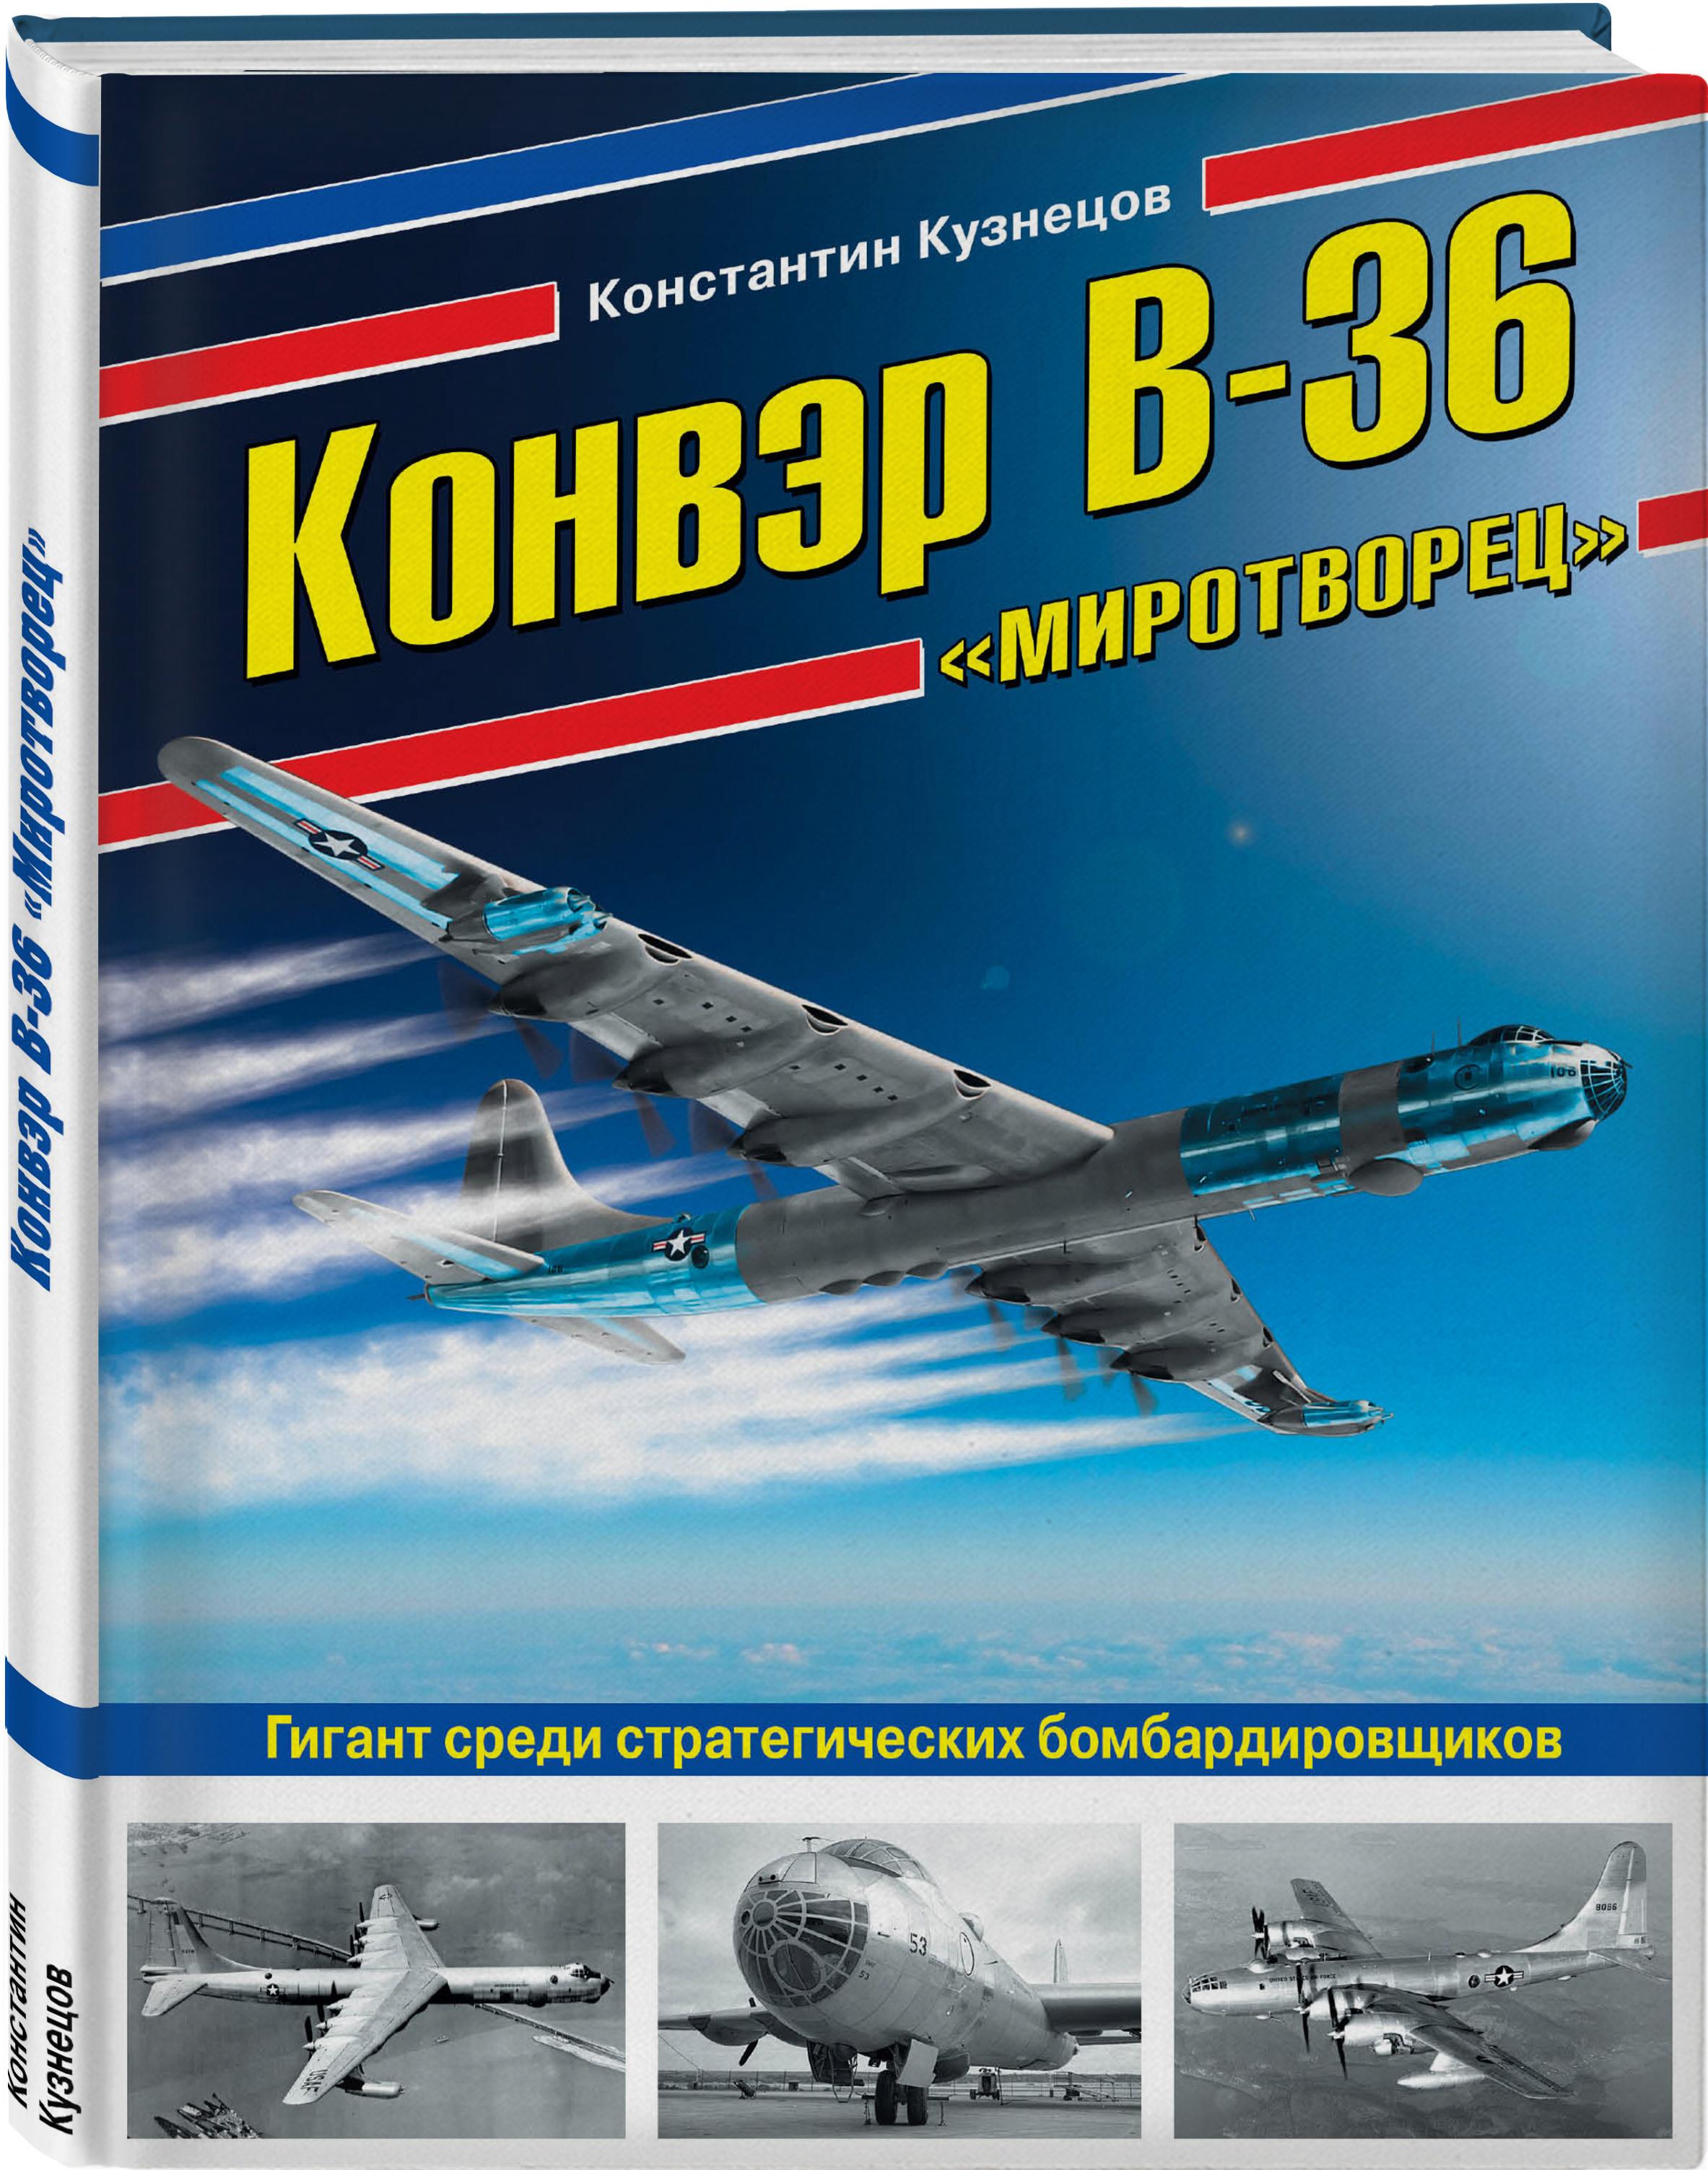 Константин Кузнецов Конвэр В-36 «Миротворец». Гигант среди стратегических бомбардировщиков